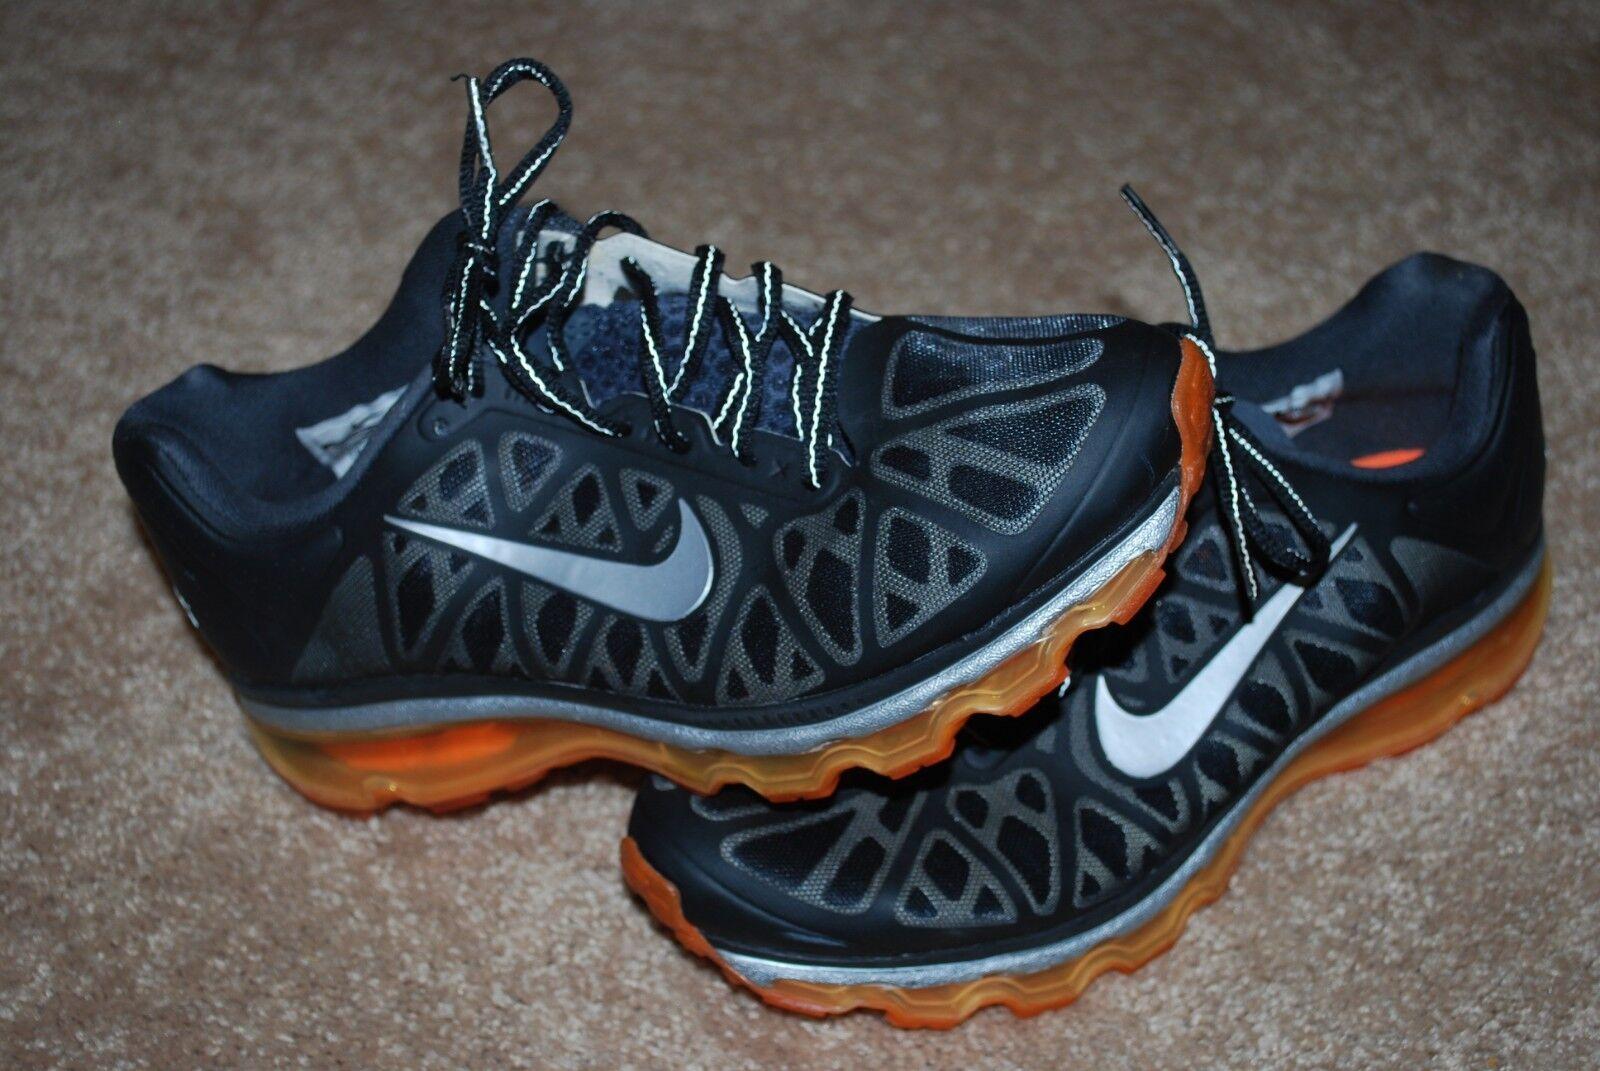 Le nike air max 2011 totale arancione / nero / scarpe grigio in scarpe / da ginnastica (8, 7y) 3f070a